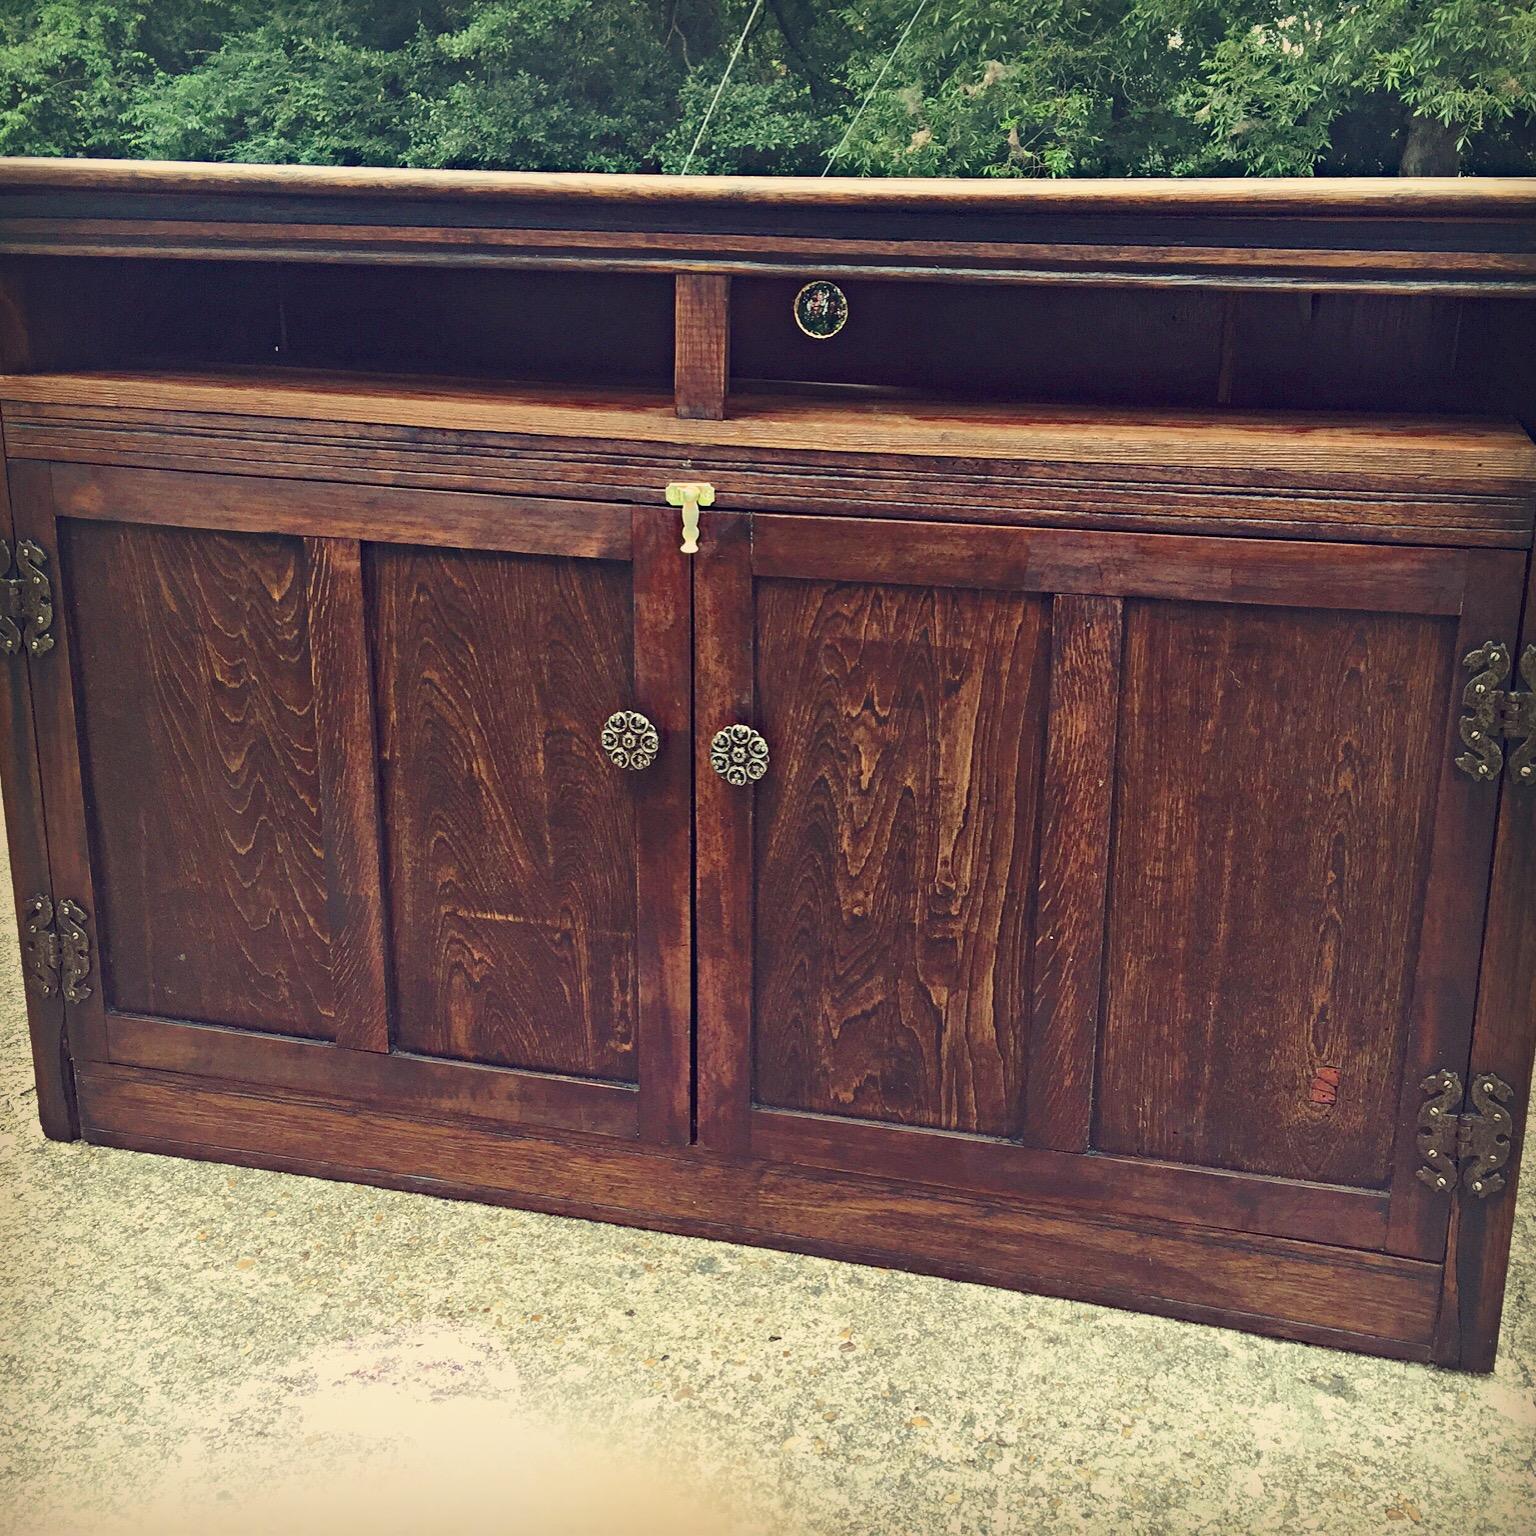 Antiqued Cabinet Restored